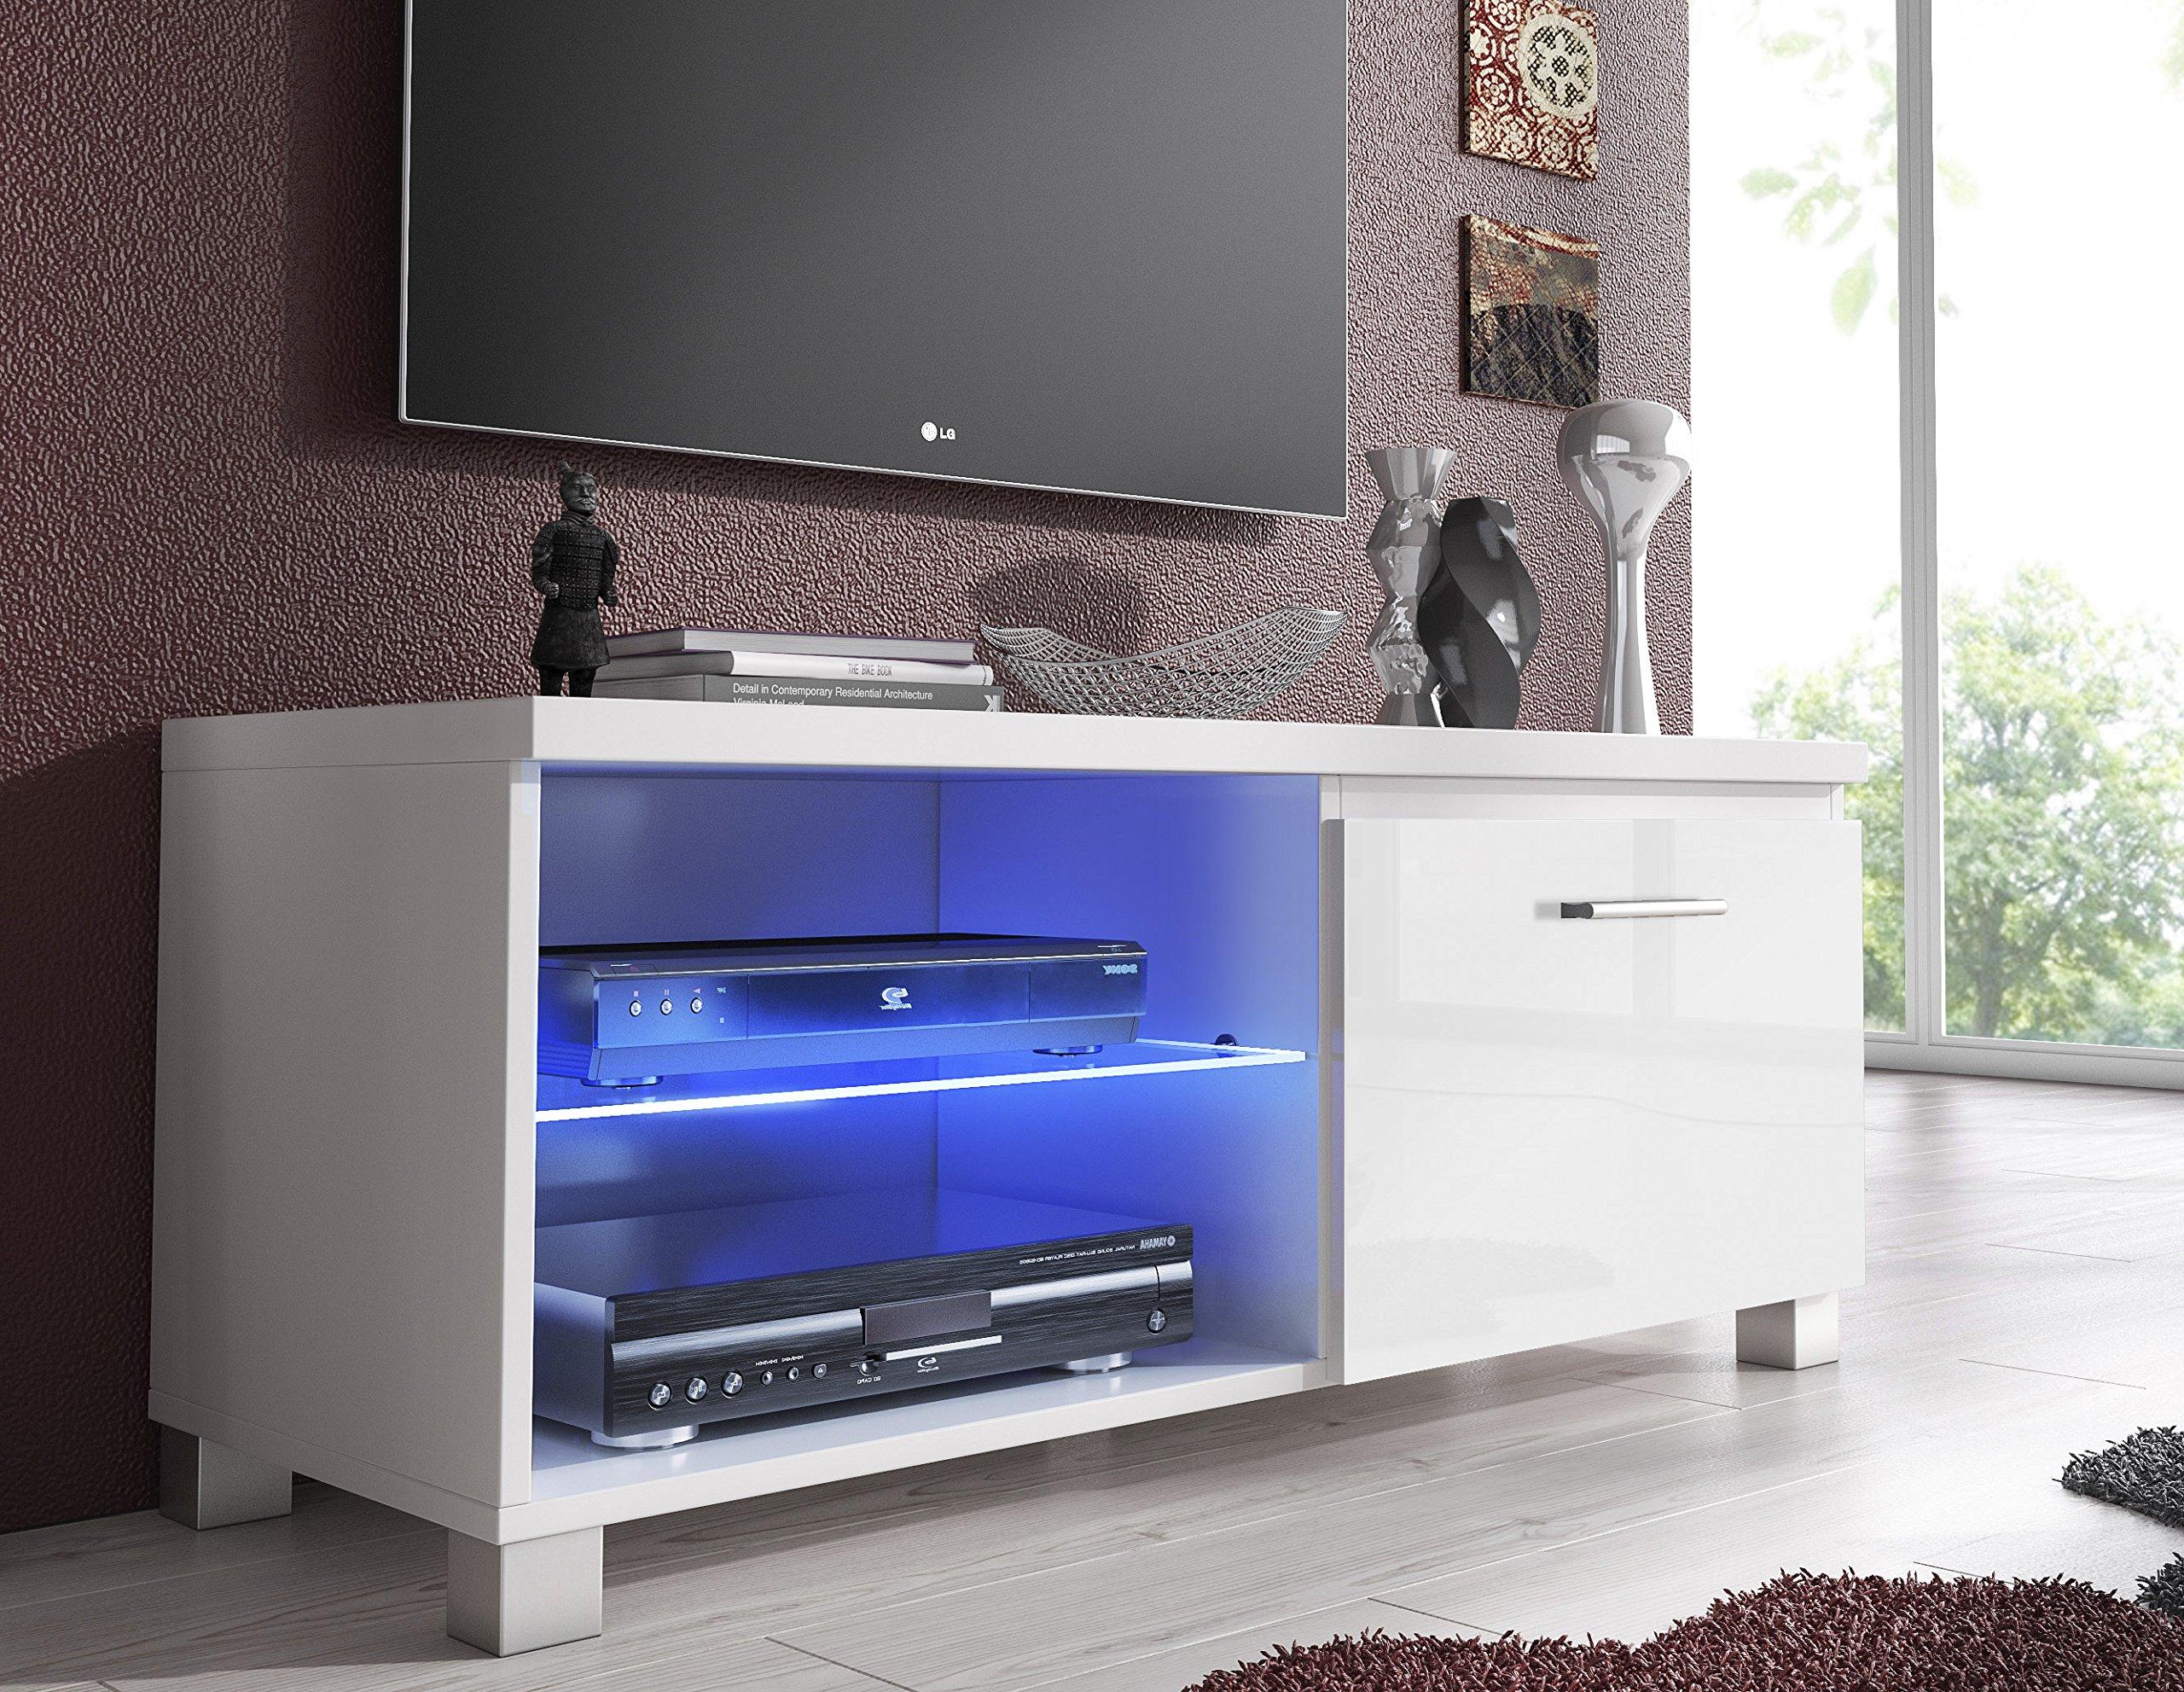 SelectionHome - Módulo salón Comedor TV, Color Blanco y Blanco Lacado Brillo, Medidas: 100 x 40 x 42 cm de Fondo: Amazon.es: Hogar